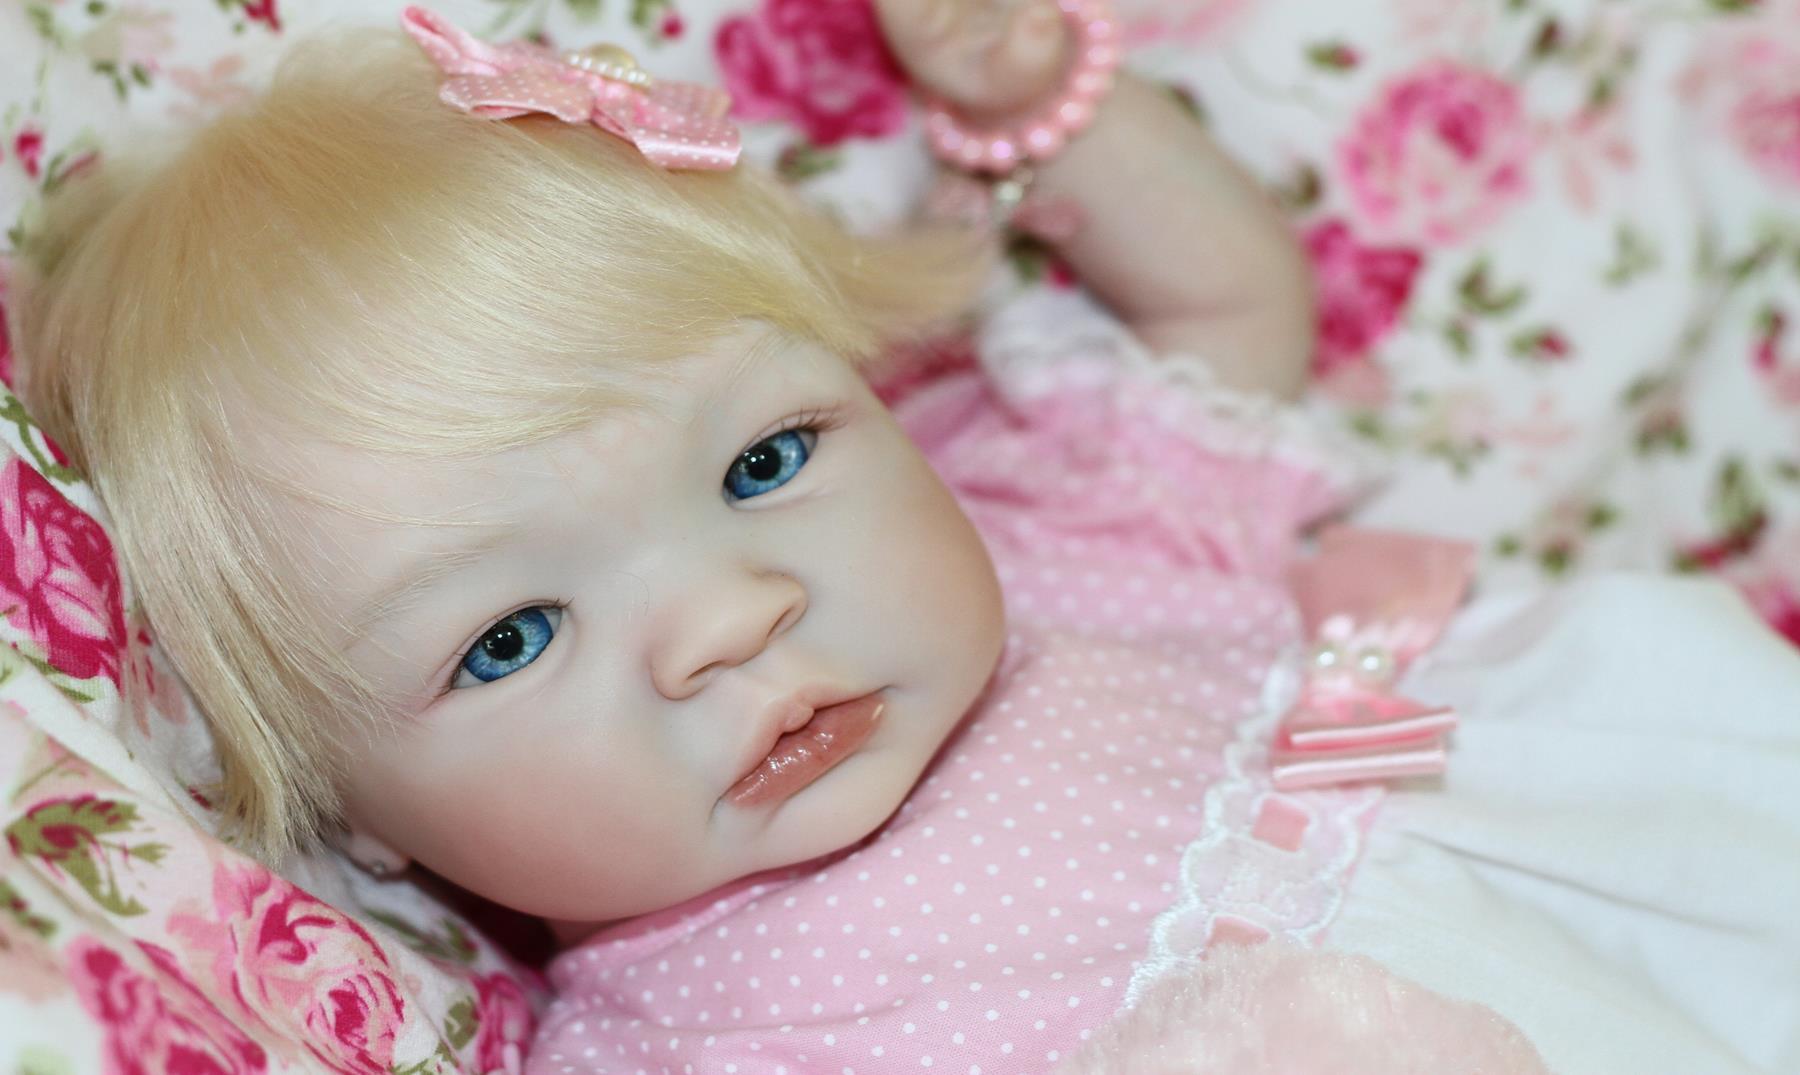 descuento especial de la mejor calidad para comprar El mundo de los bebés reborn: ¿Adorables o inquietantes?